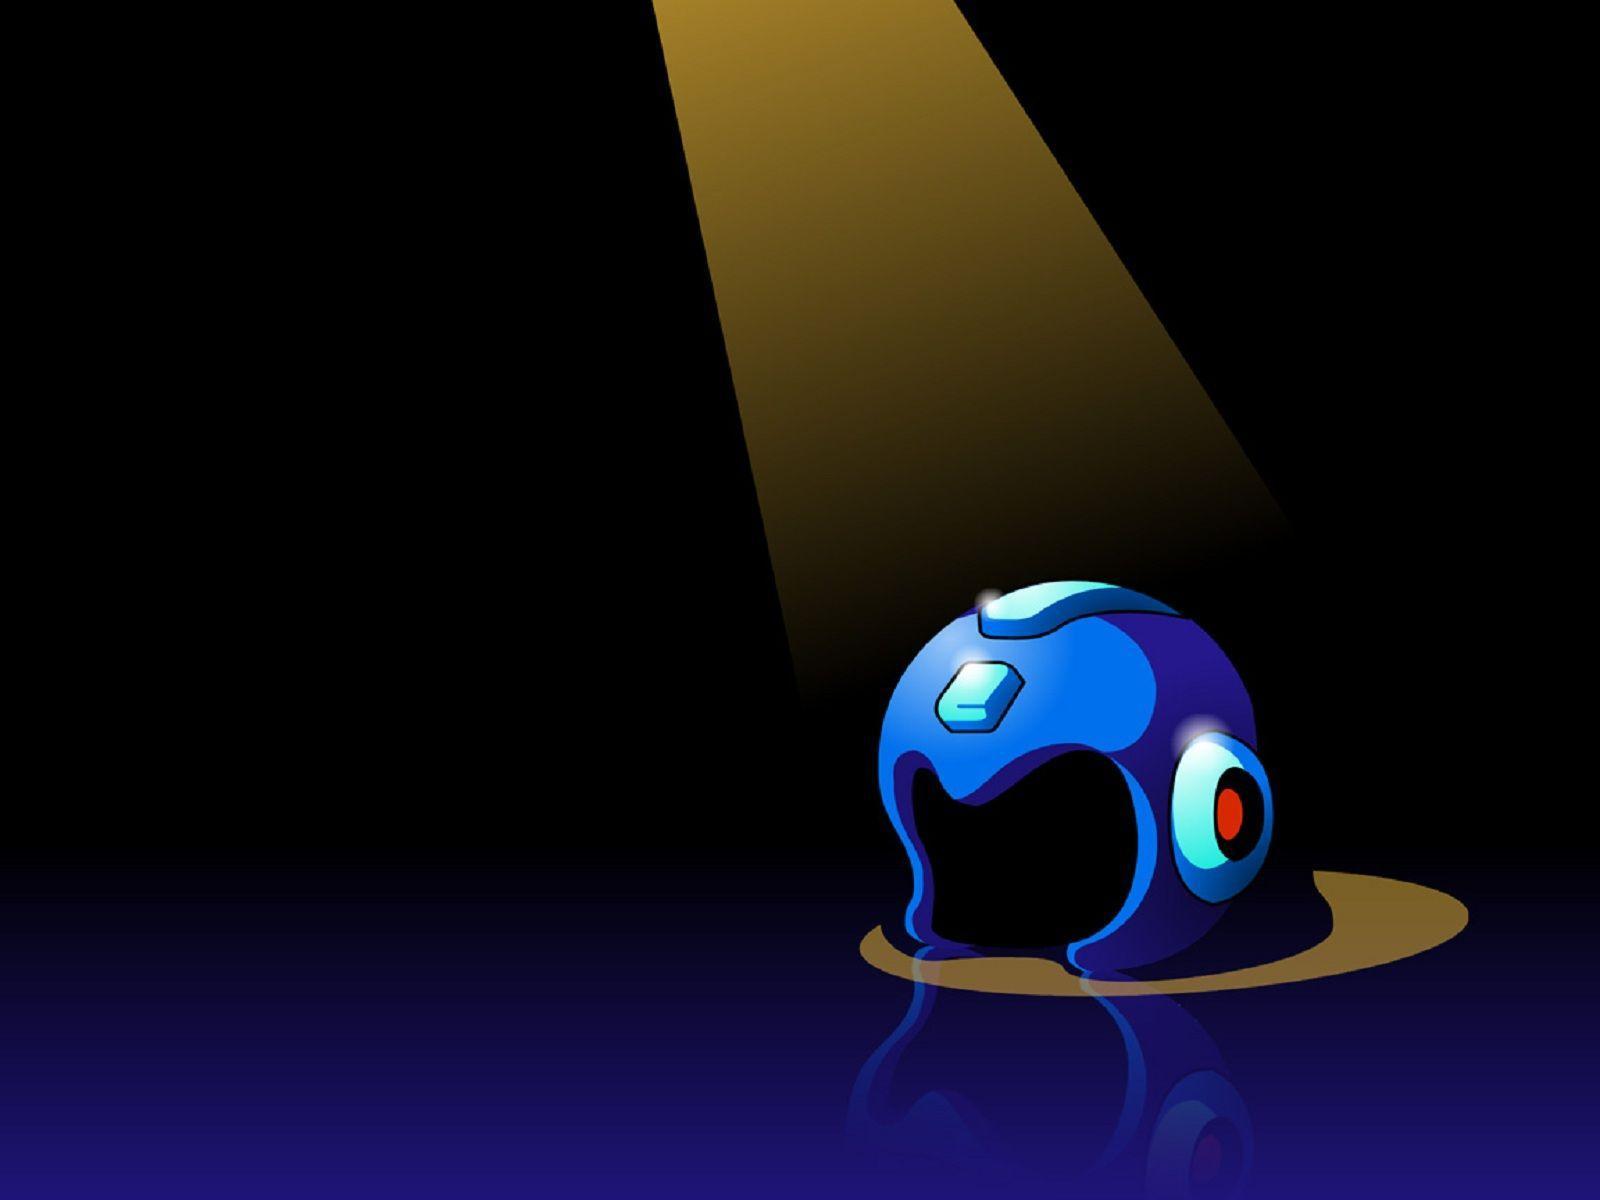 Mega Man Backgrounds - Wallpaper Cave